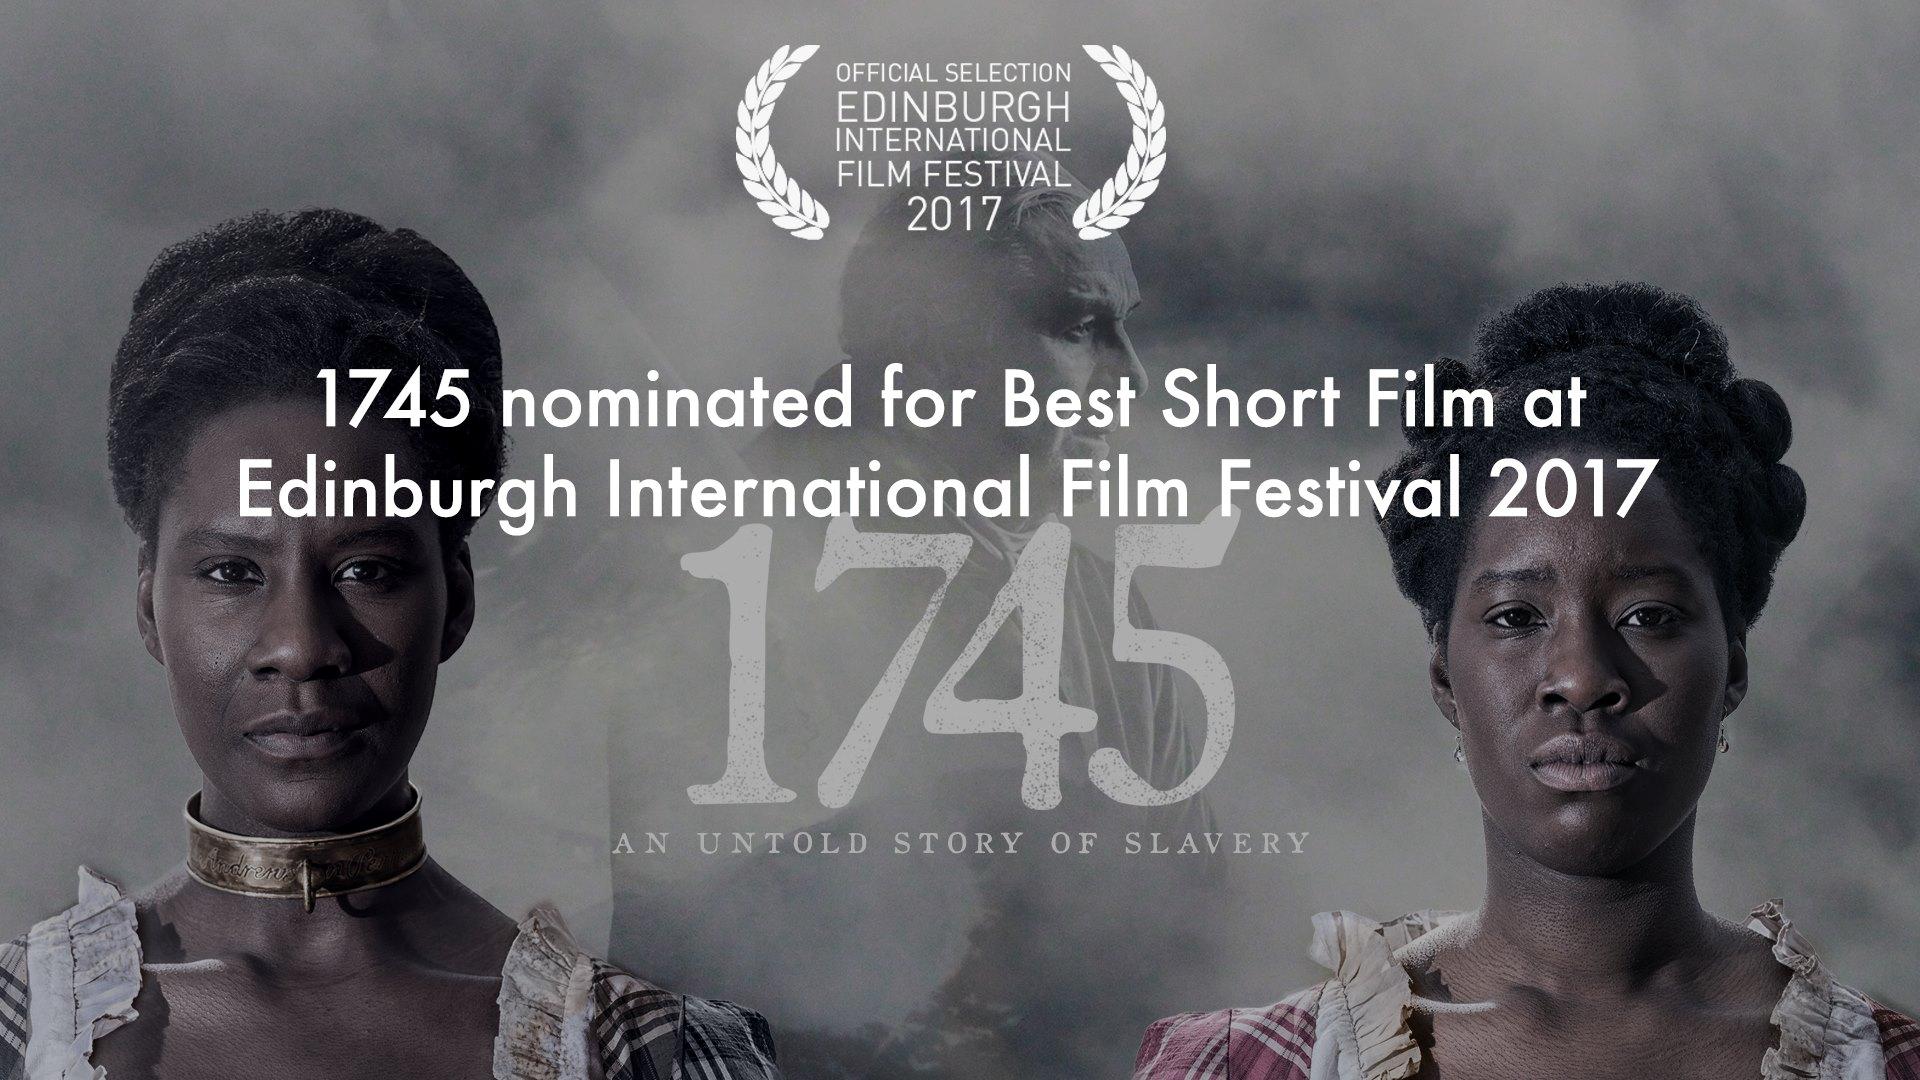 1745 - Ed Film Fest Announcement.jpg